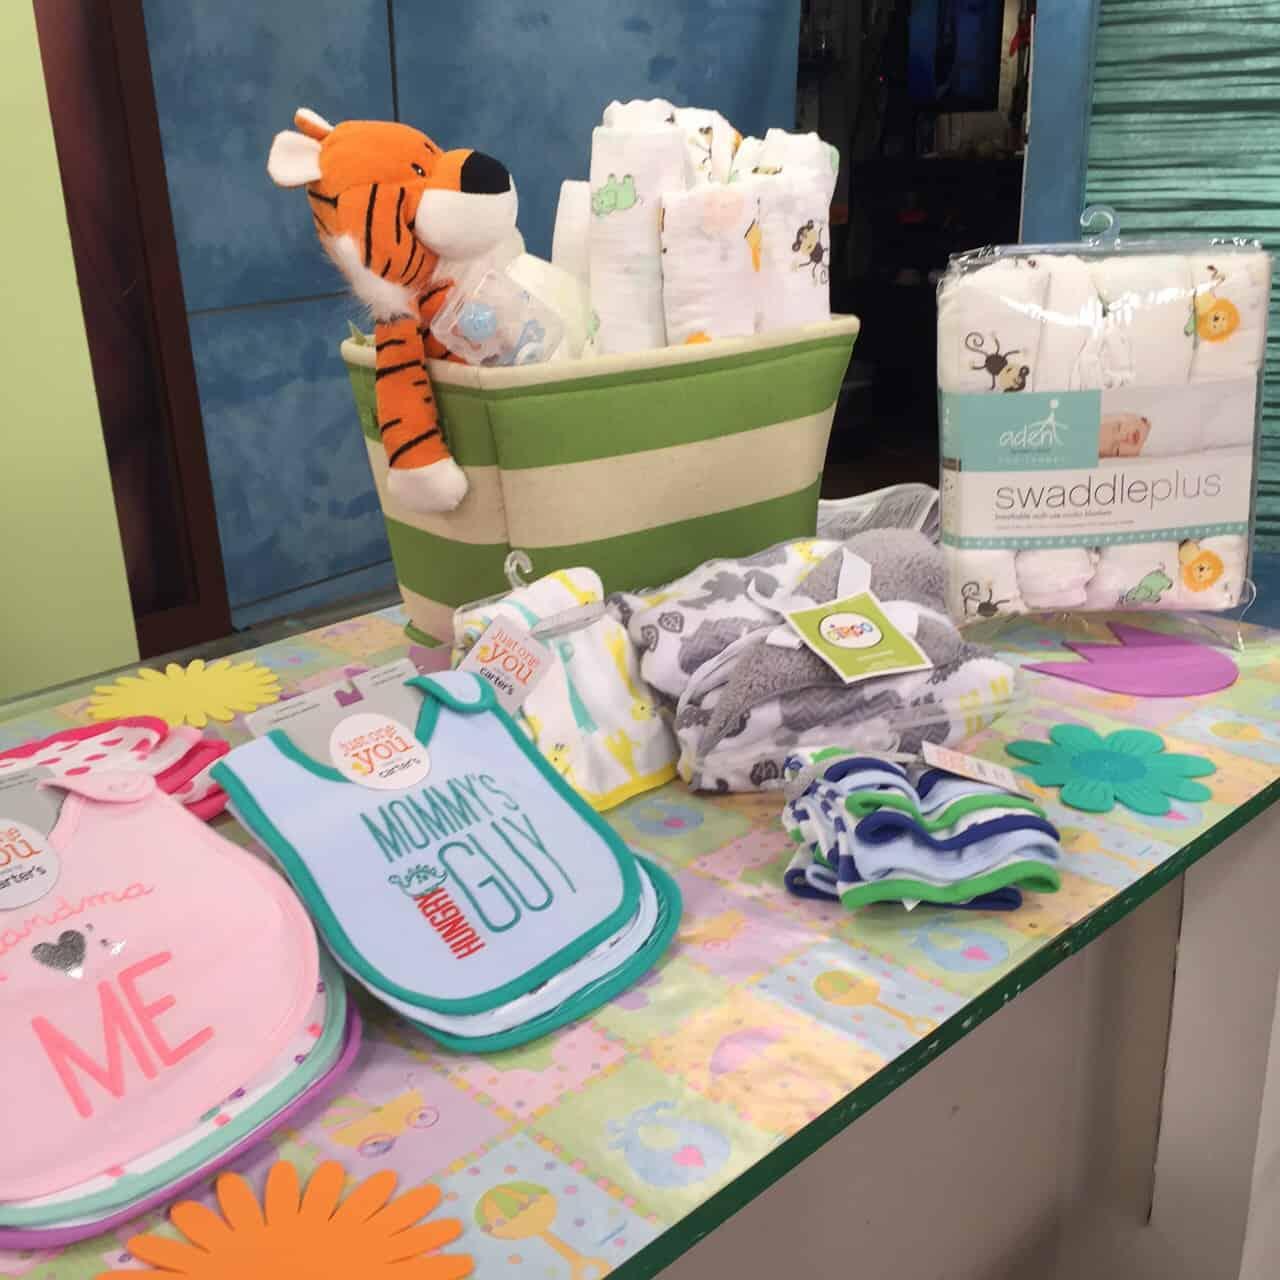 Ideas Originales Para Regalar En Un Baby Shower.3 Regalos Creativos Para Un Baby Shower Hispana Global